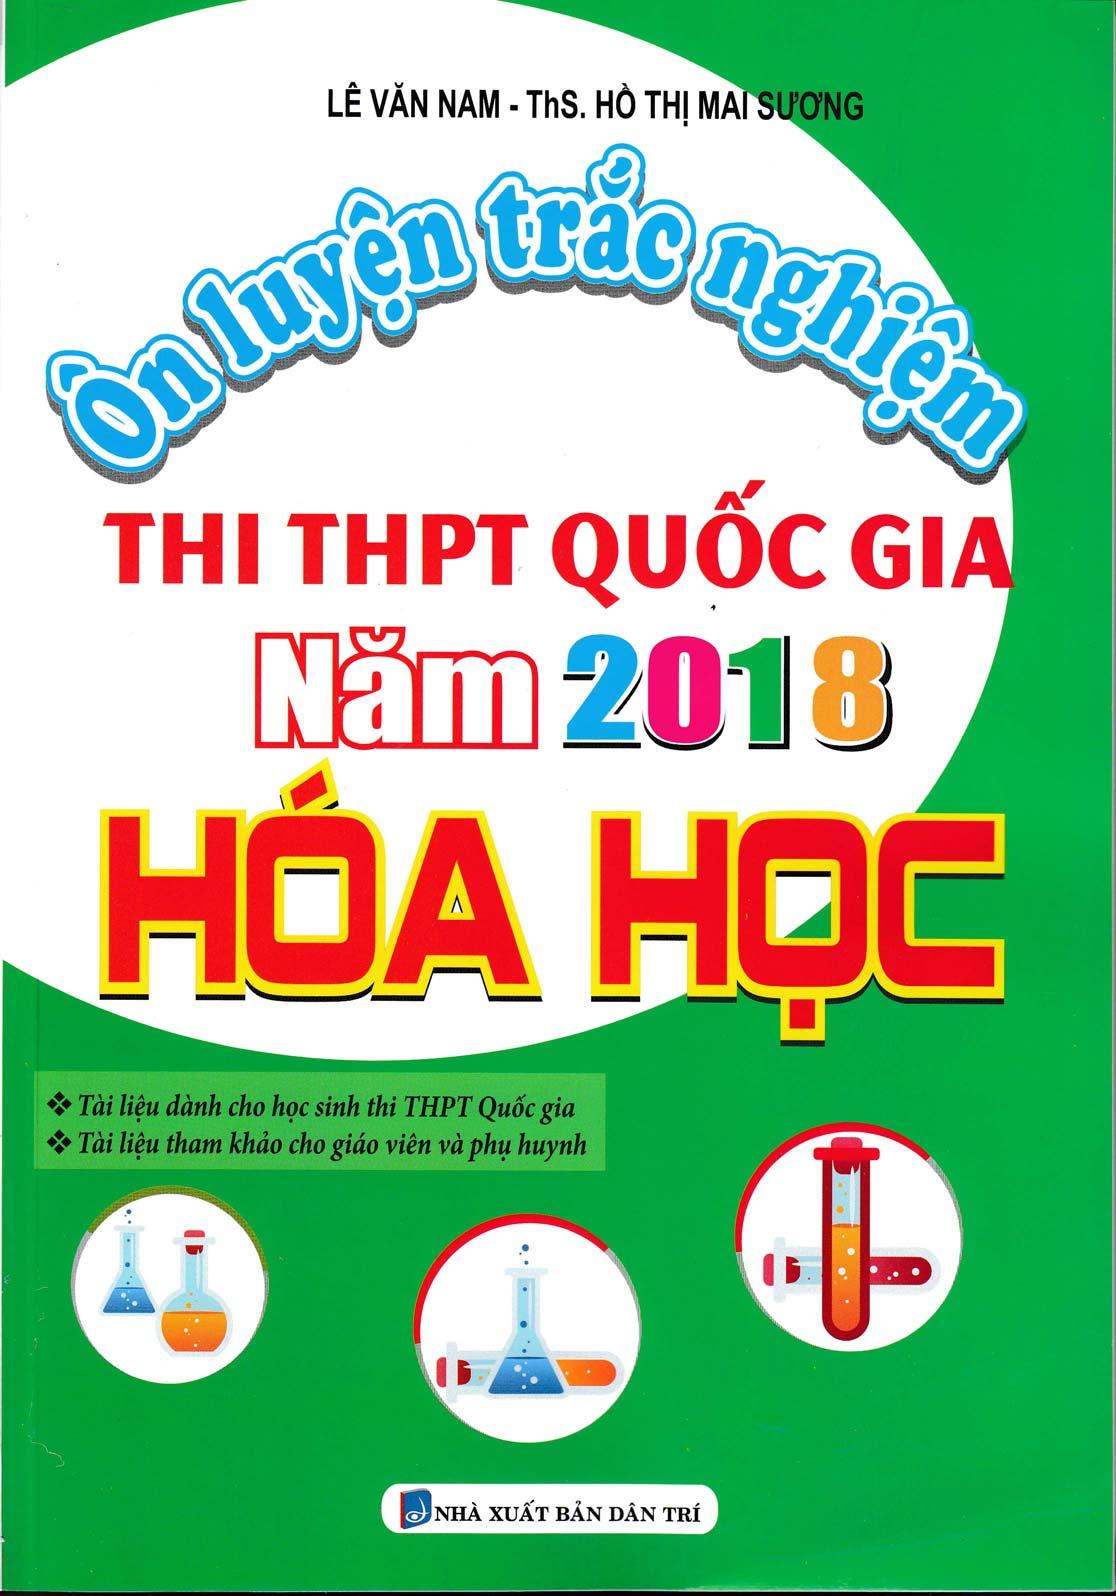 Ôn Luyện Trắc Nghiệm Thi THPT Quốc Gia Năm 2018 Hóa Học ( Lê Văn Nam ) - EBOOK/PDF/PRC/EPUB